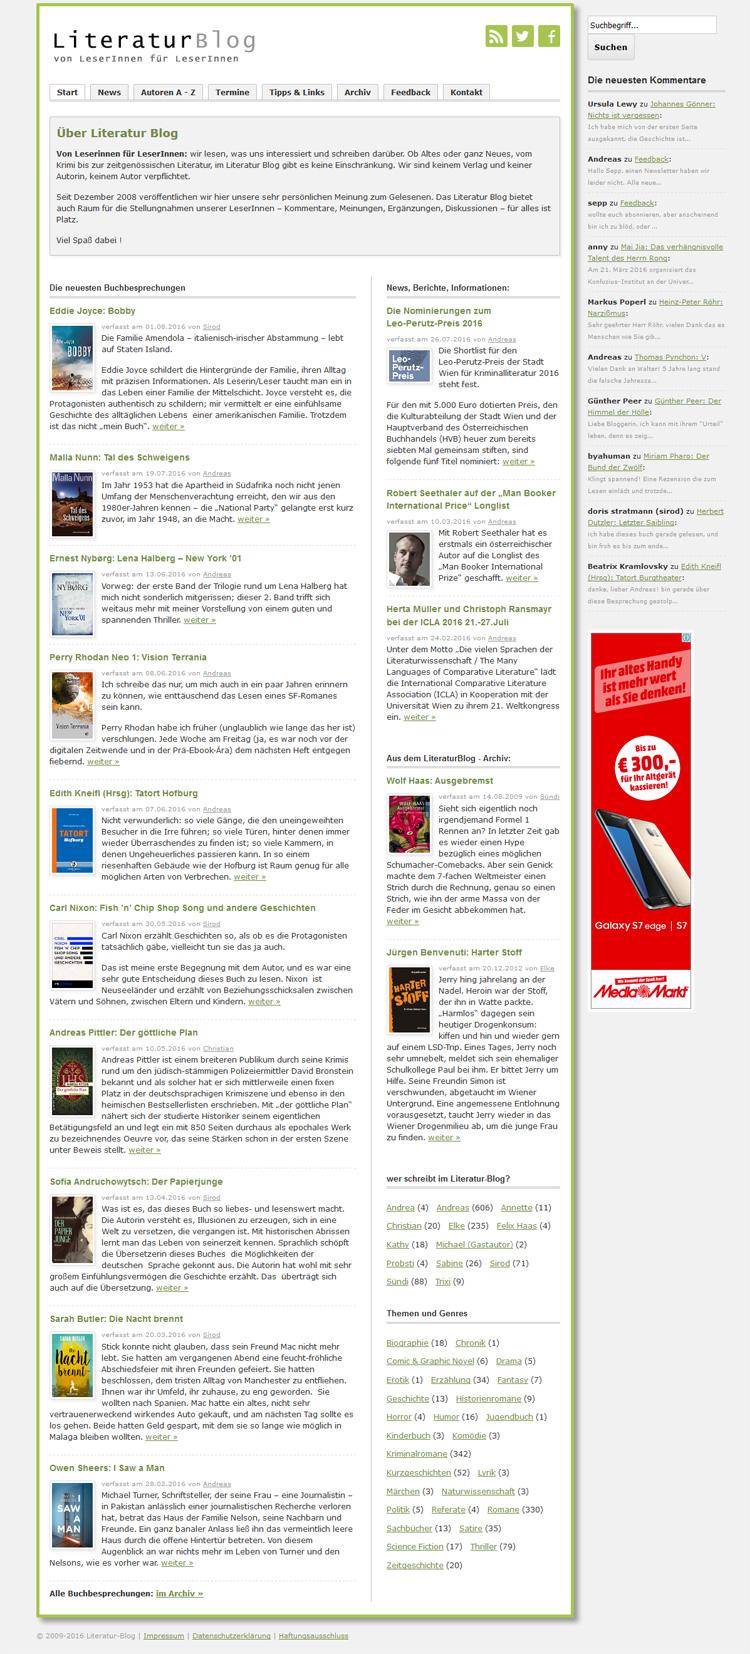 LiteraturBlog